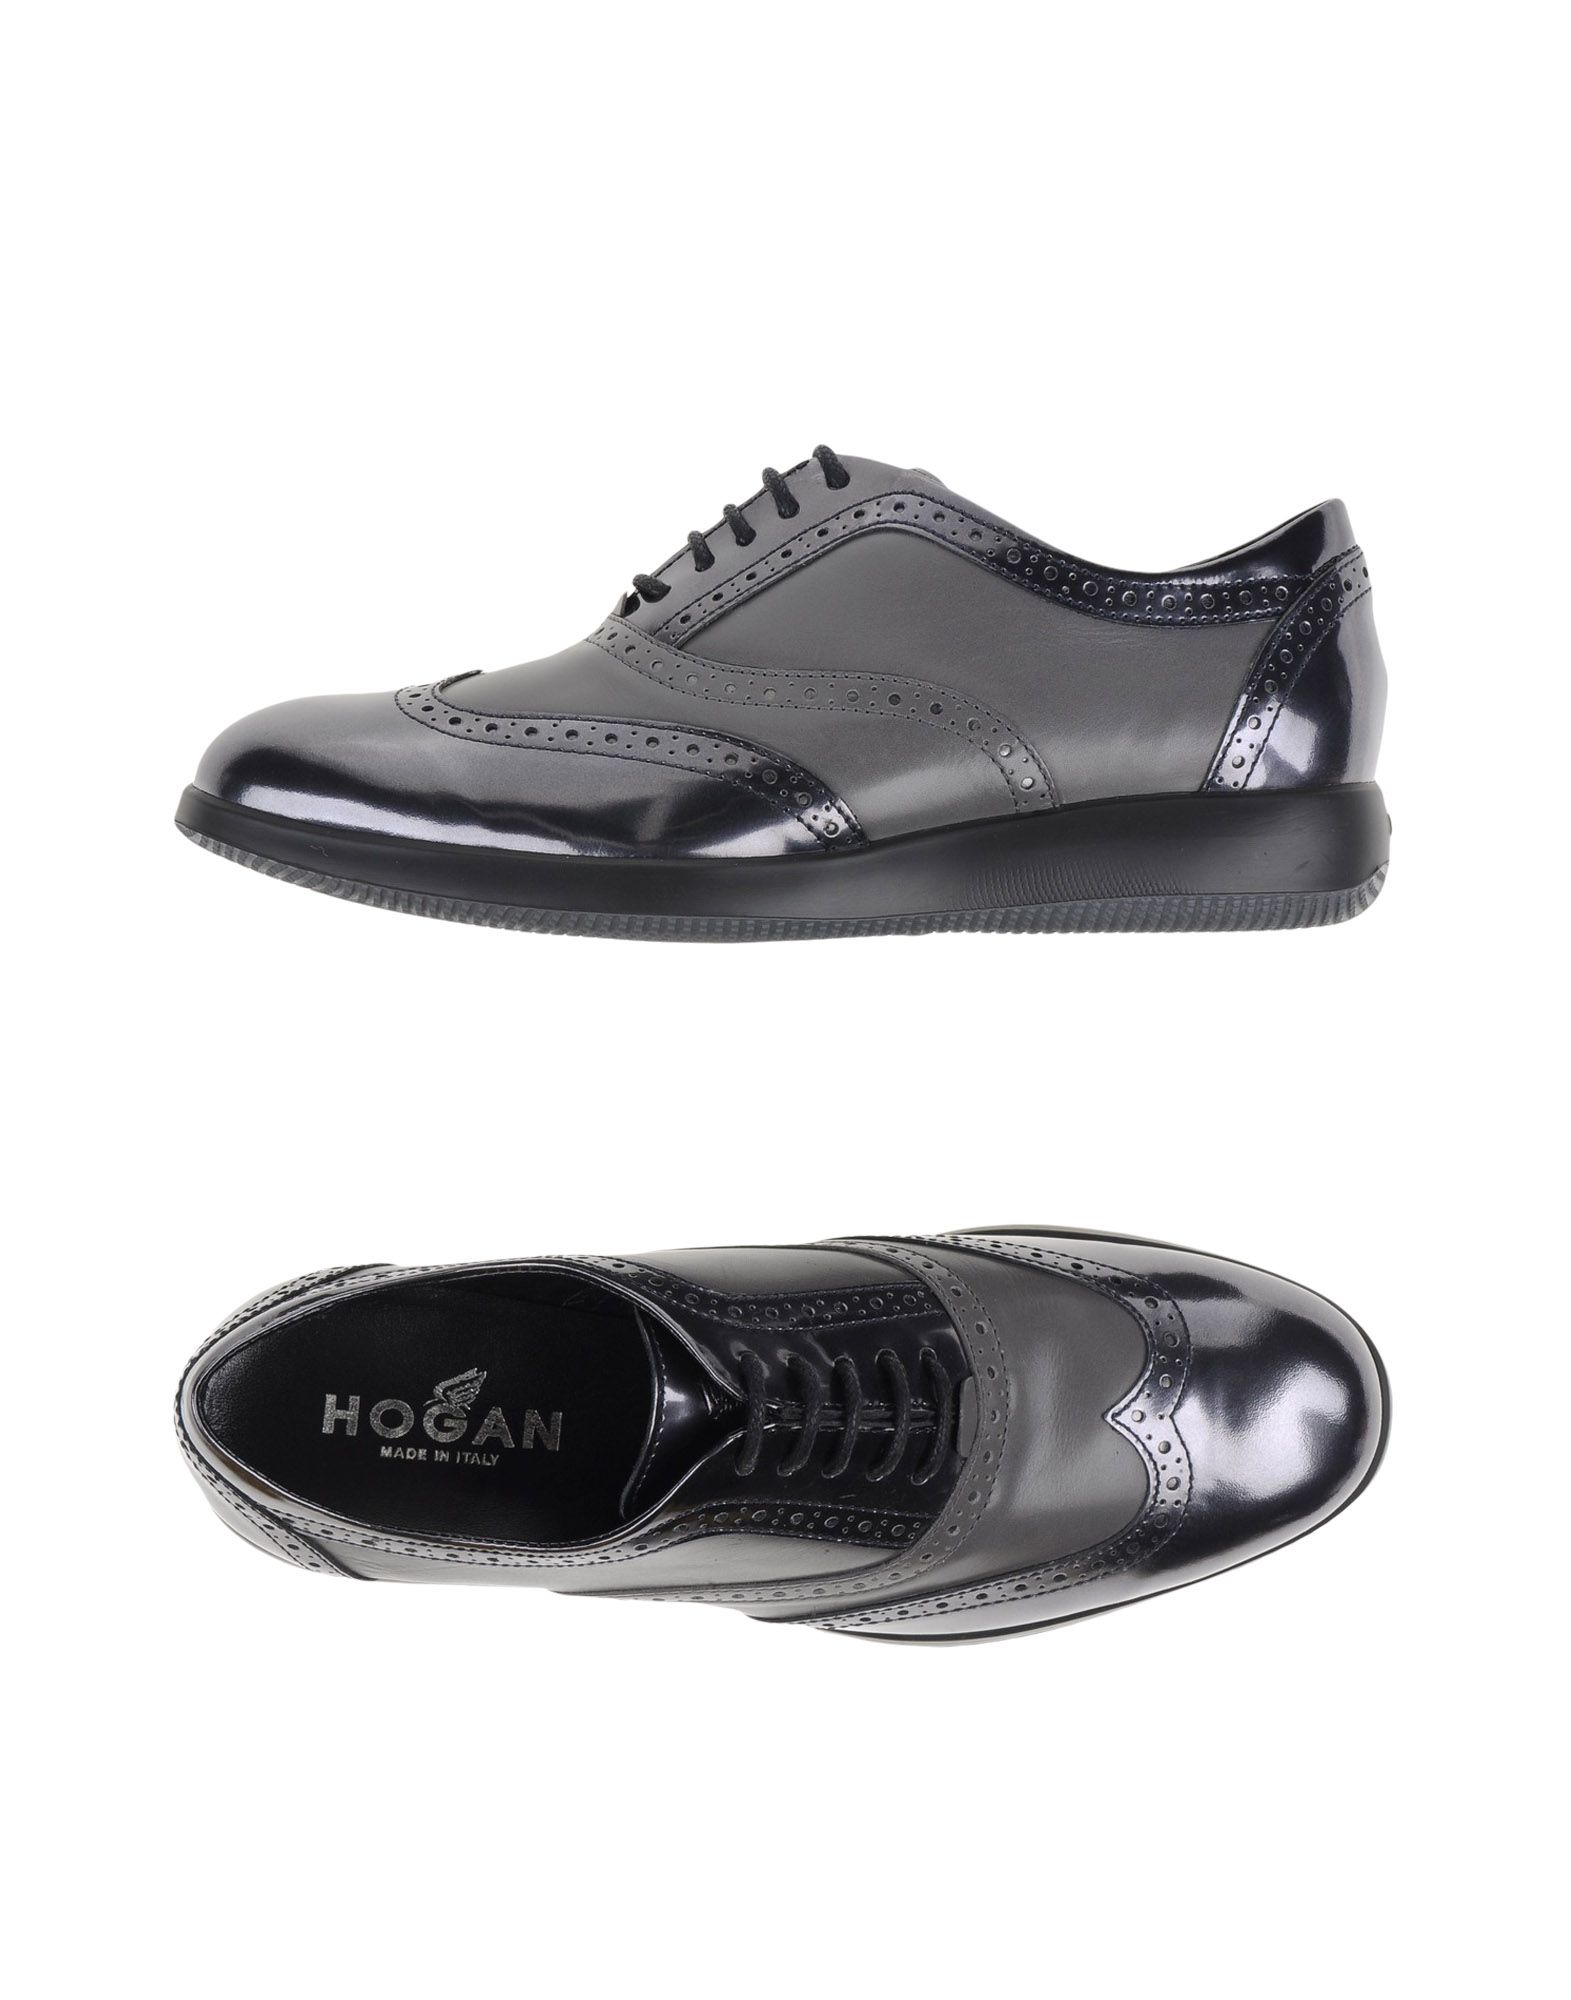 Stringate Hogan Hogan Hogan Donna - 11016869PW aef90b